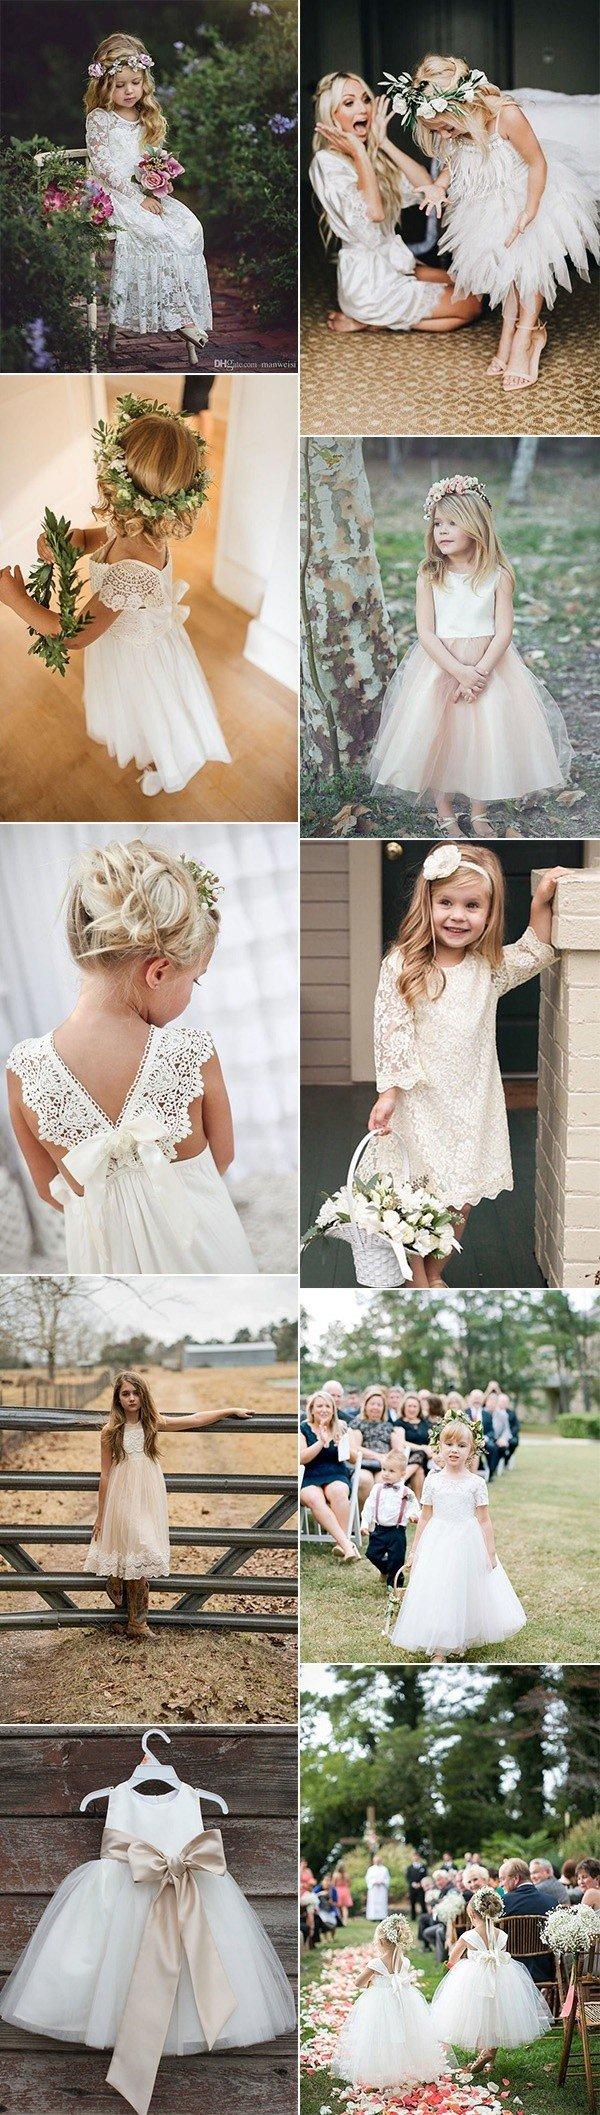 trending cutest flower girl dresses